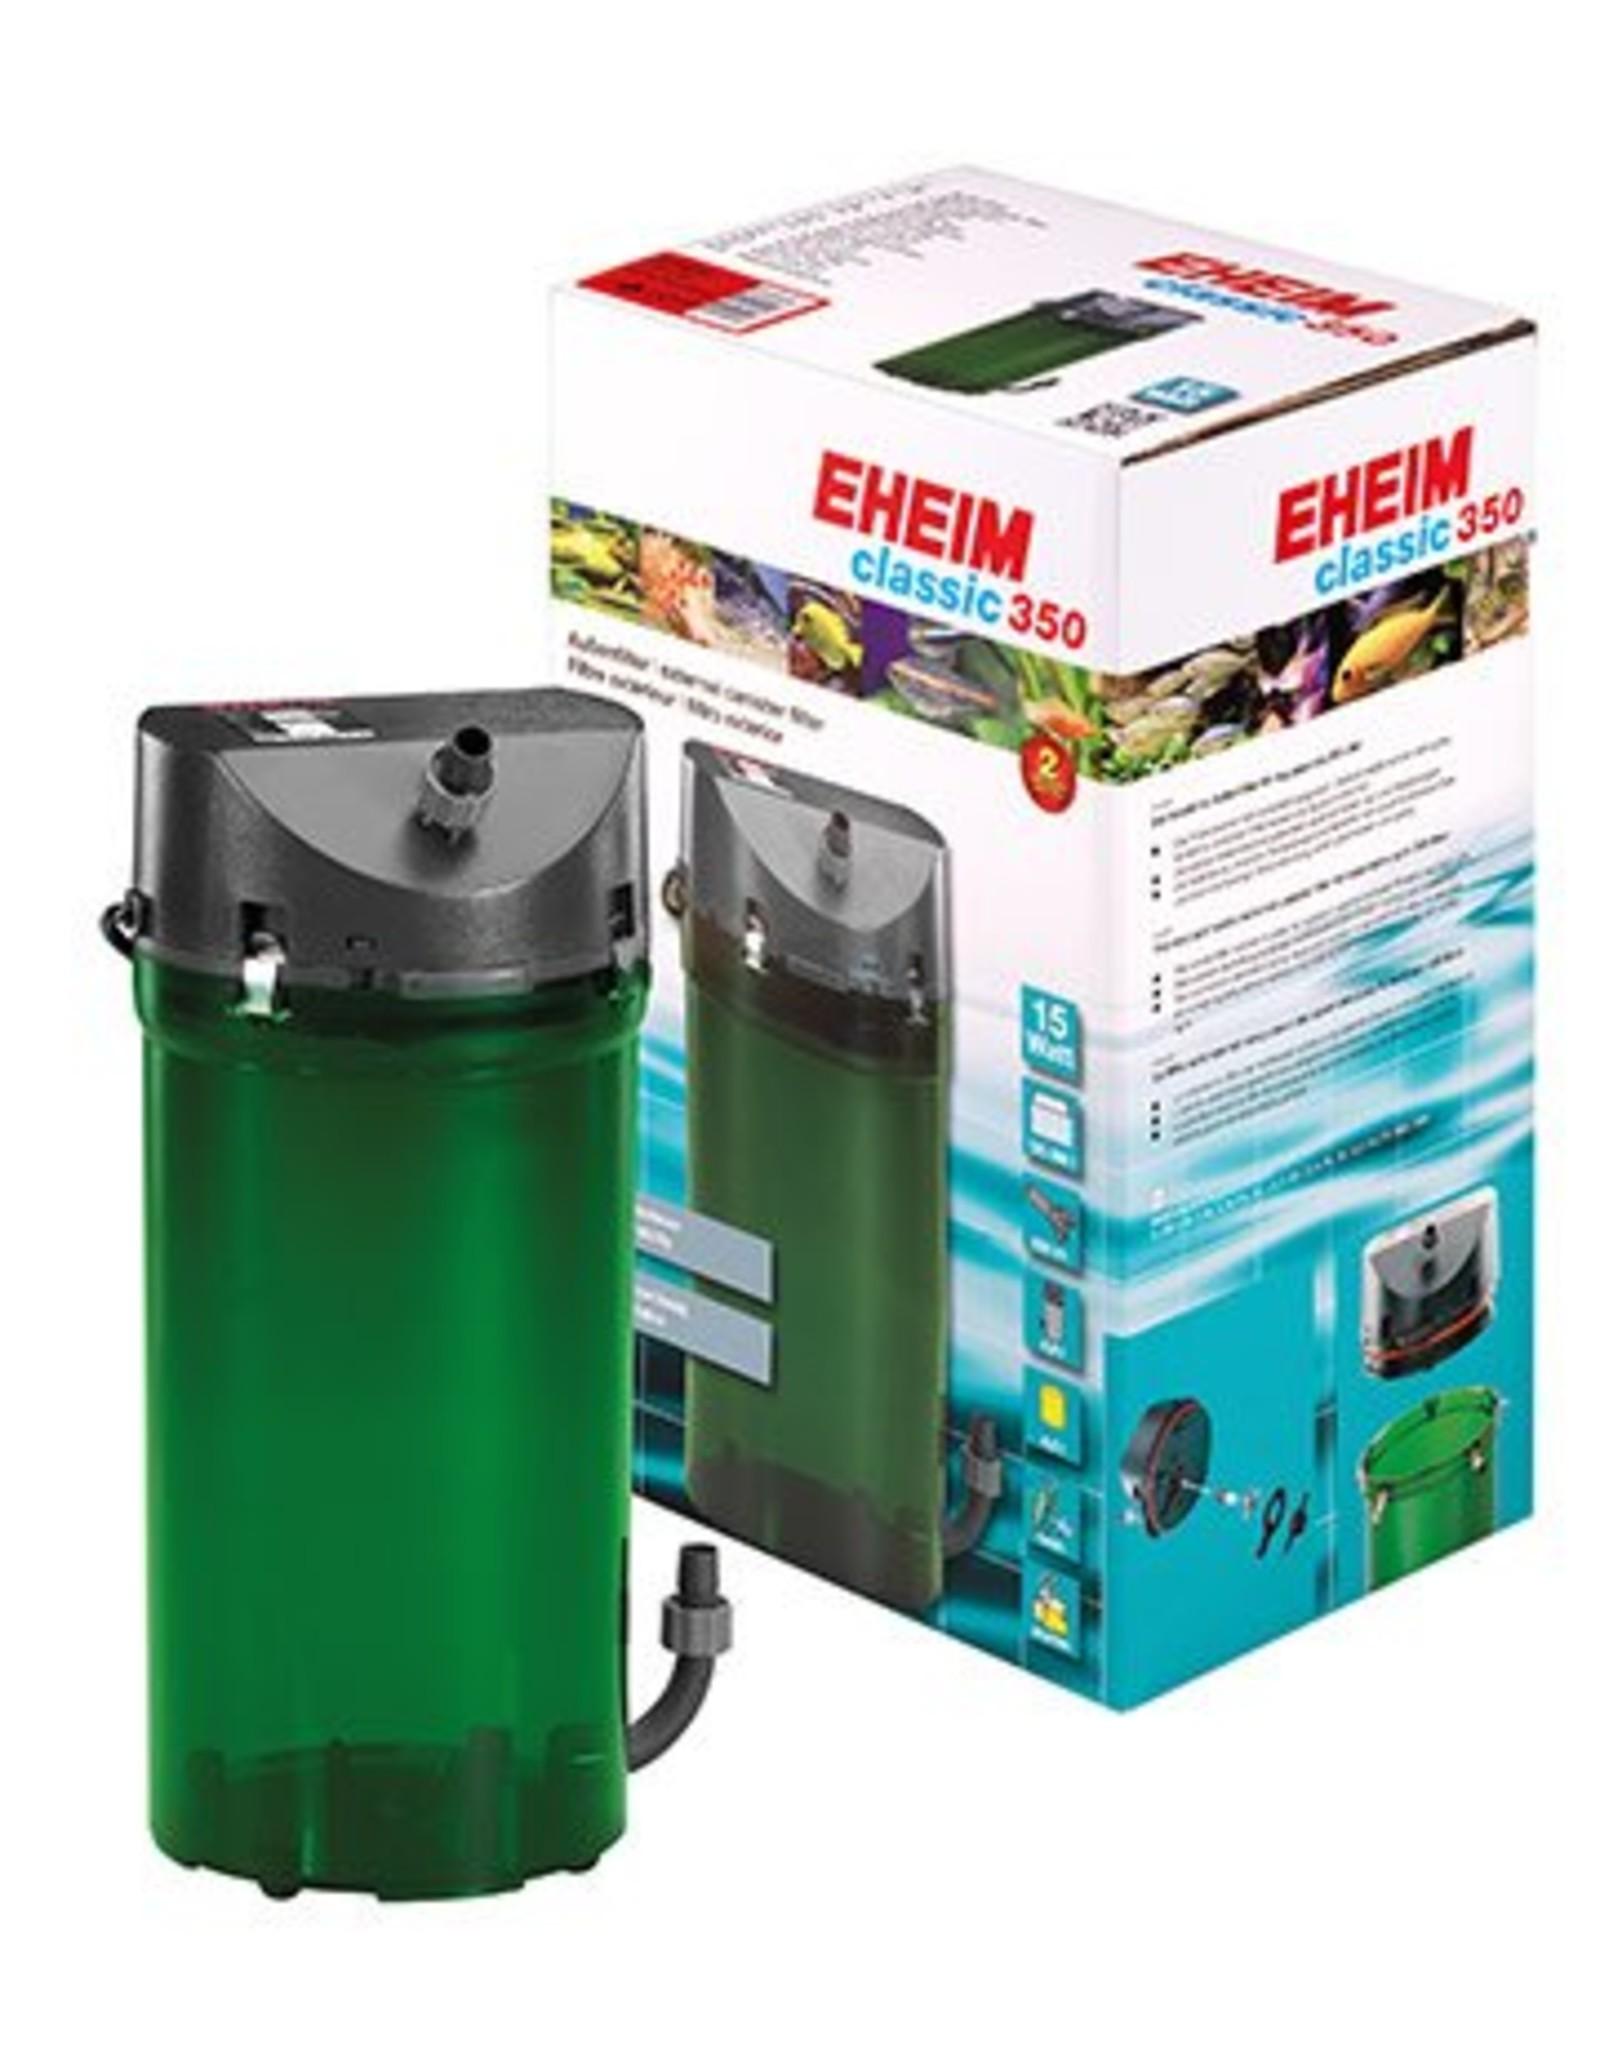 EHEIM 2215 Classic External Filter